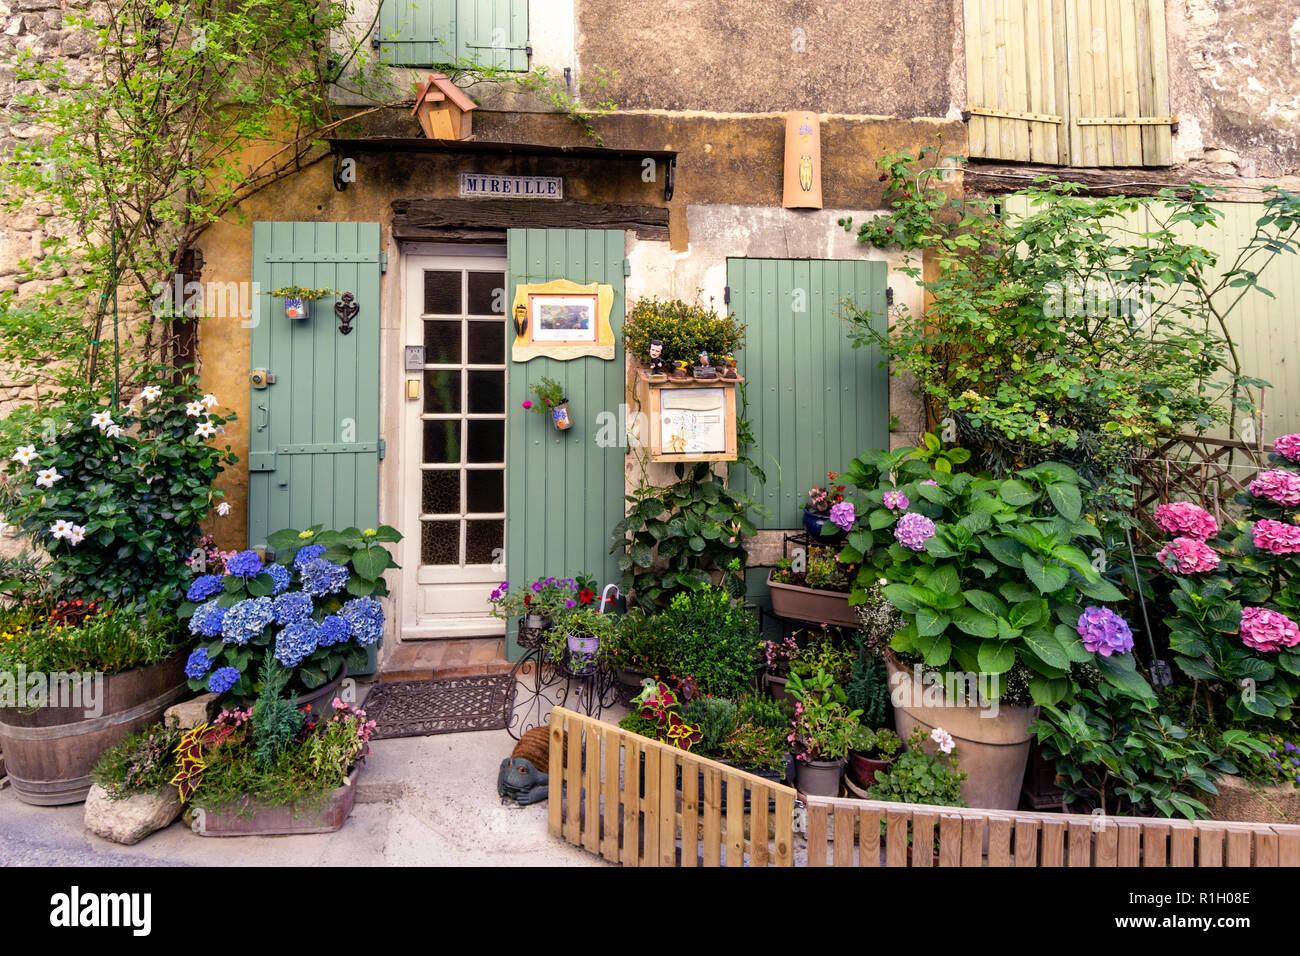 Casa Privada Con Jardin Pequeno Hermosas Flores Saignon